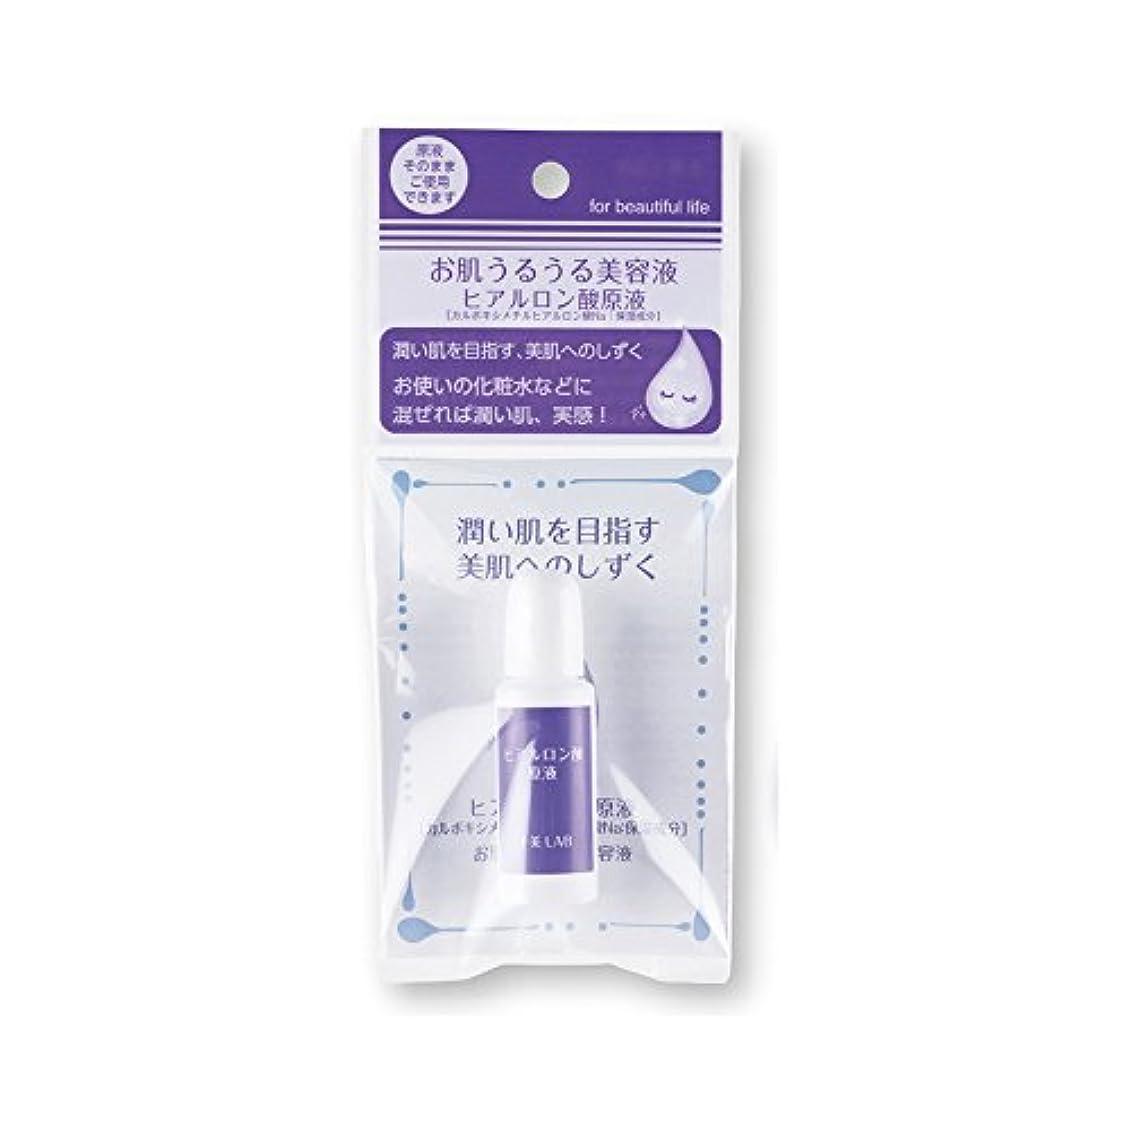 露骨なアクチュエータインポート十美LAB 美肌へのしずく お肌うるうる美容液 〈ヒアルロン酸原液〉 (14mL)